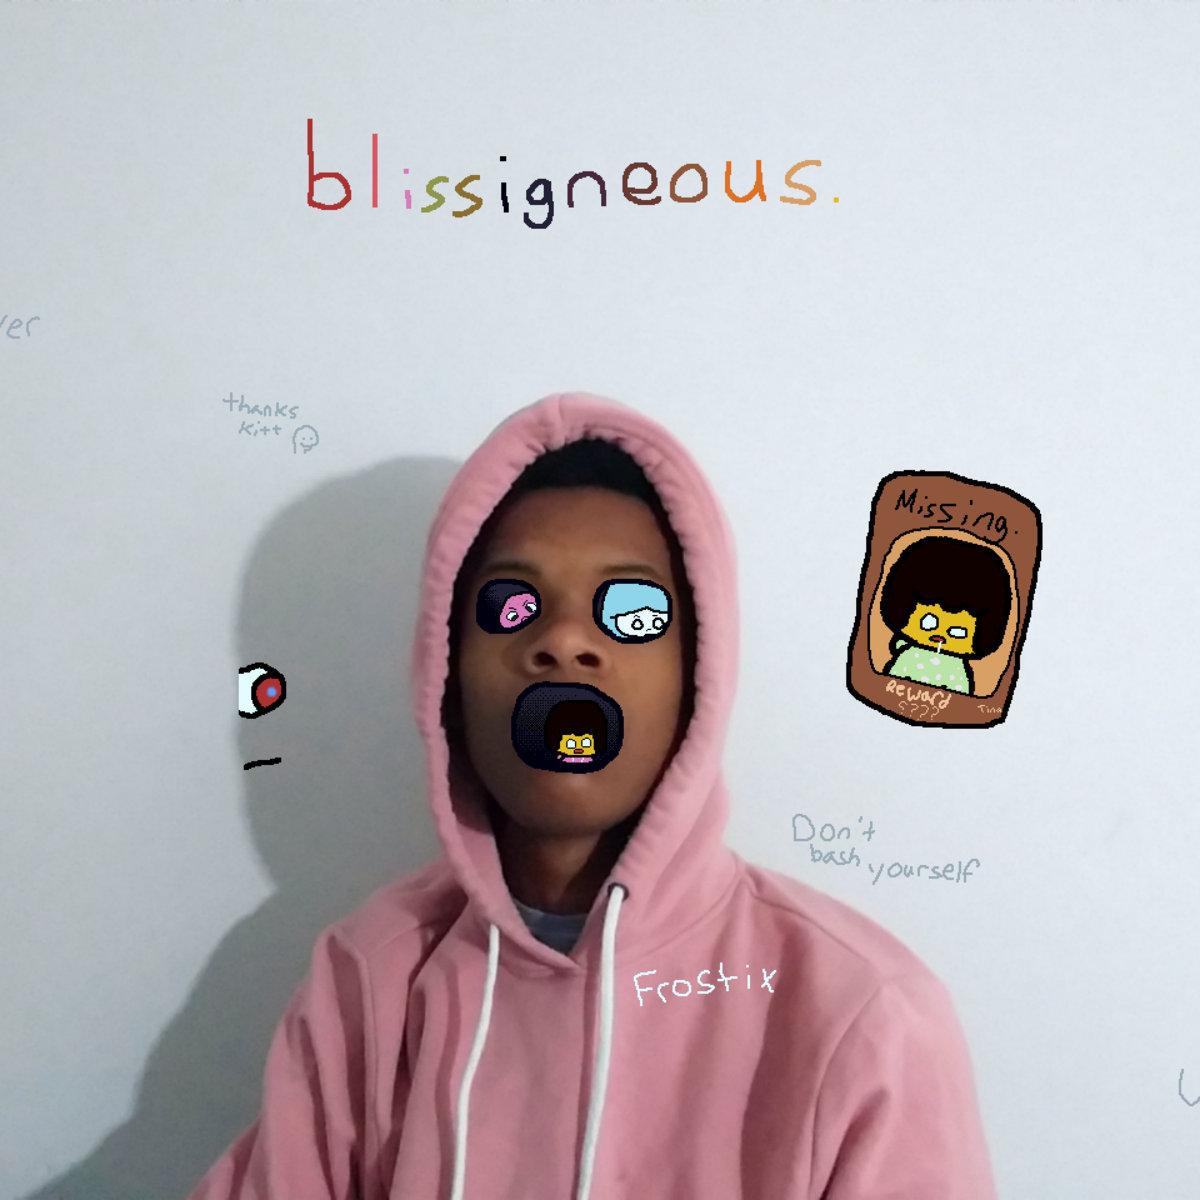 blisssigneous. album cover